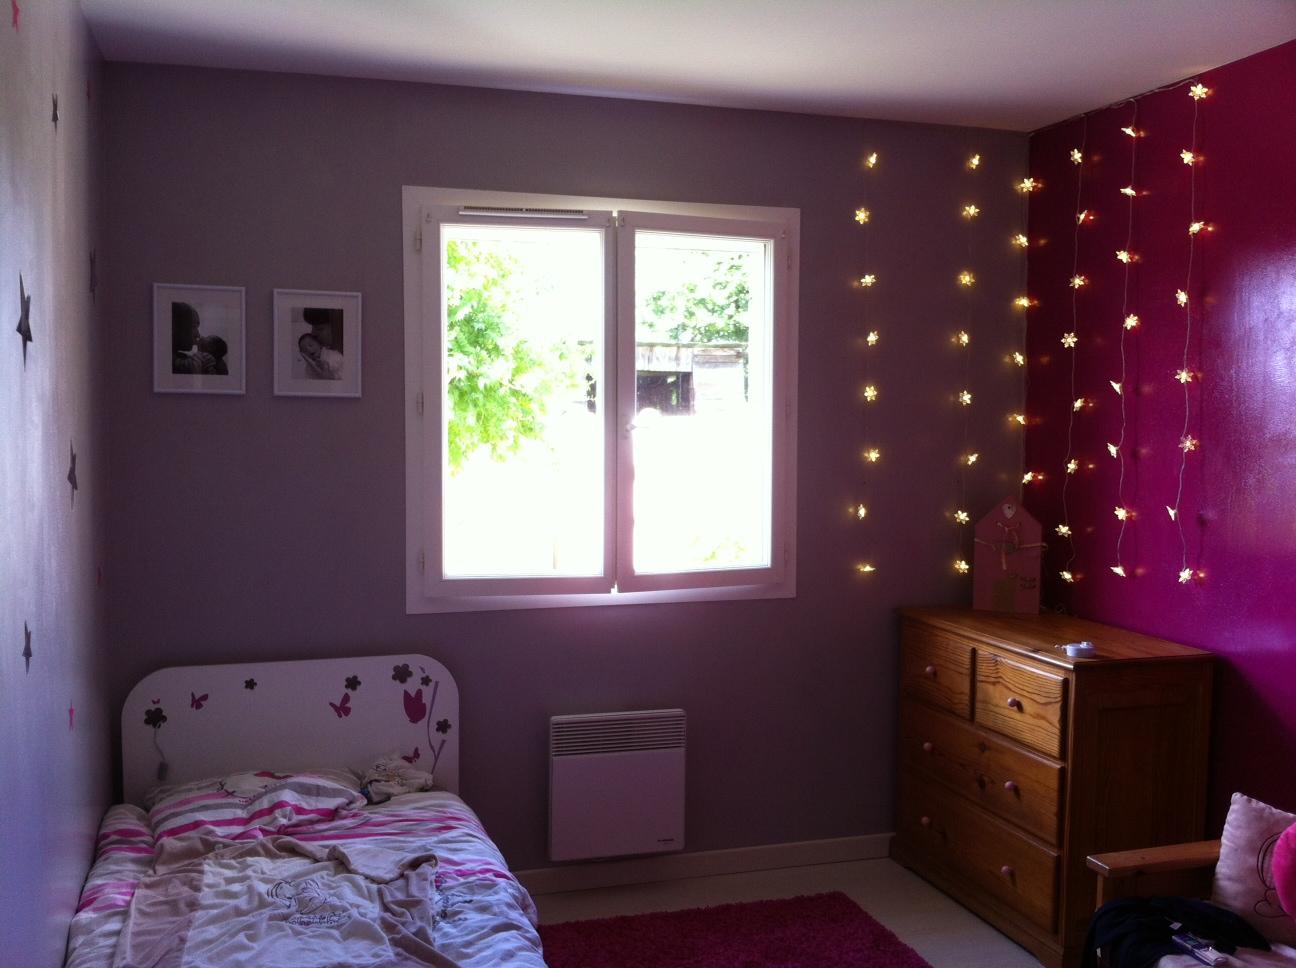 peinture paillete pour chambre trendy paillettes pour peinture murale u versailles with. Black Bedroom Furniture Sets. Home Design Ideas